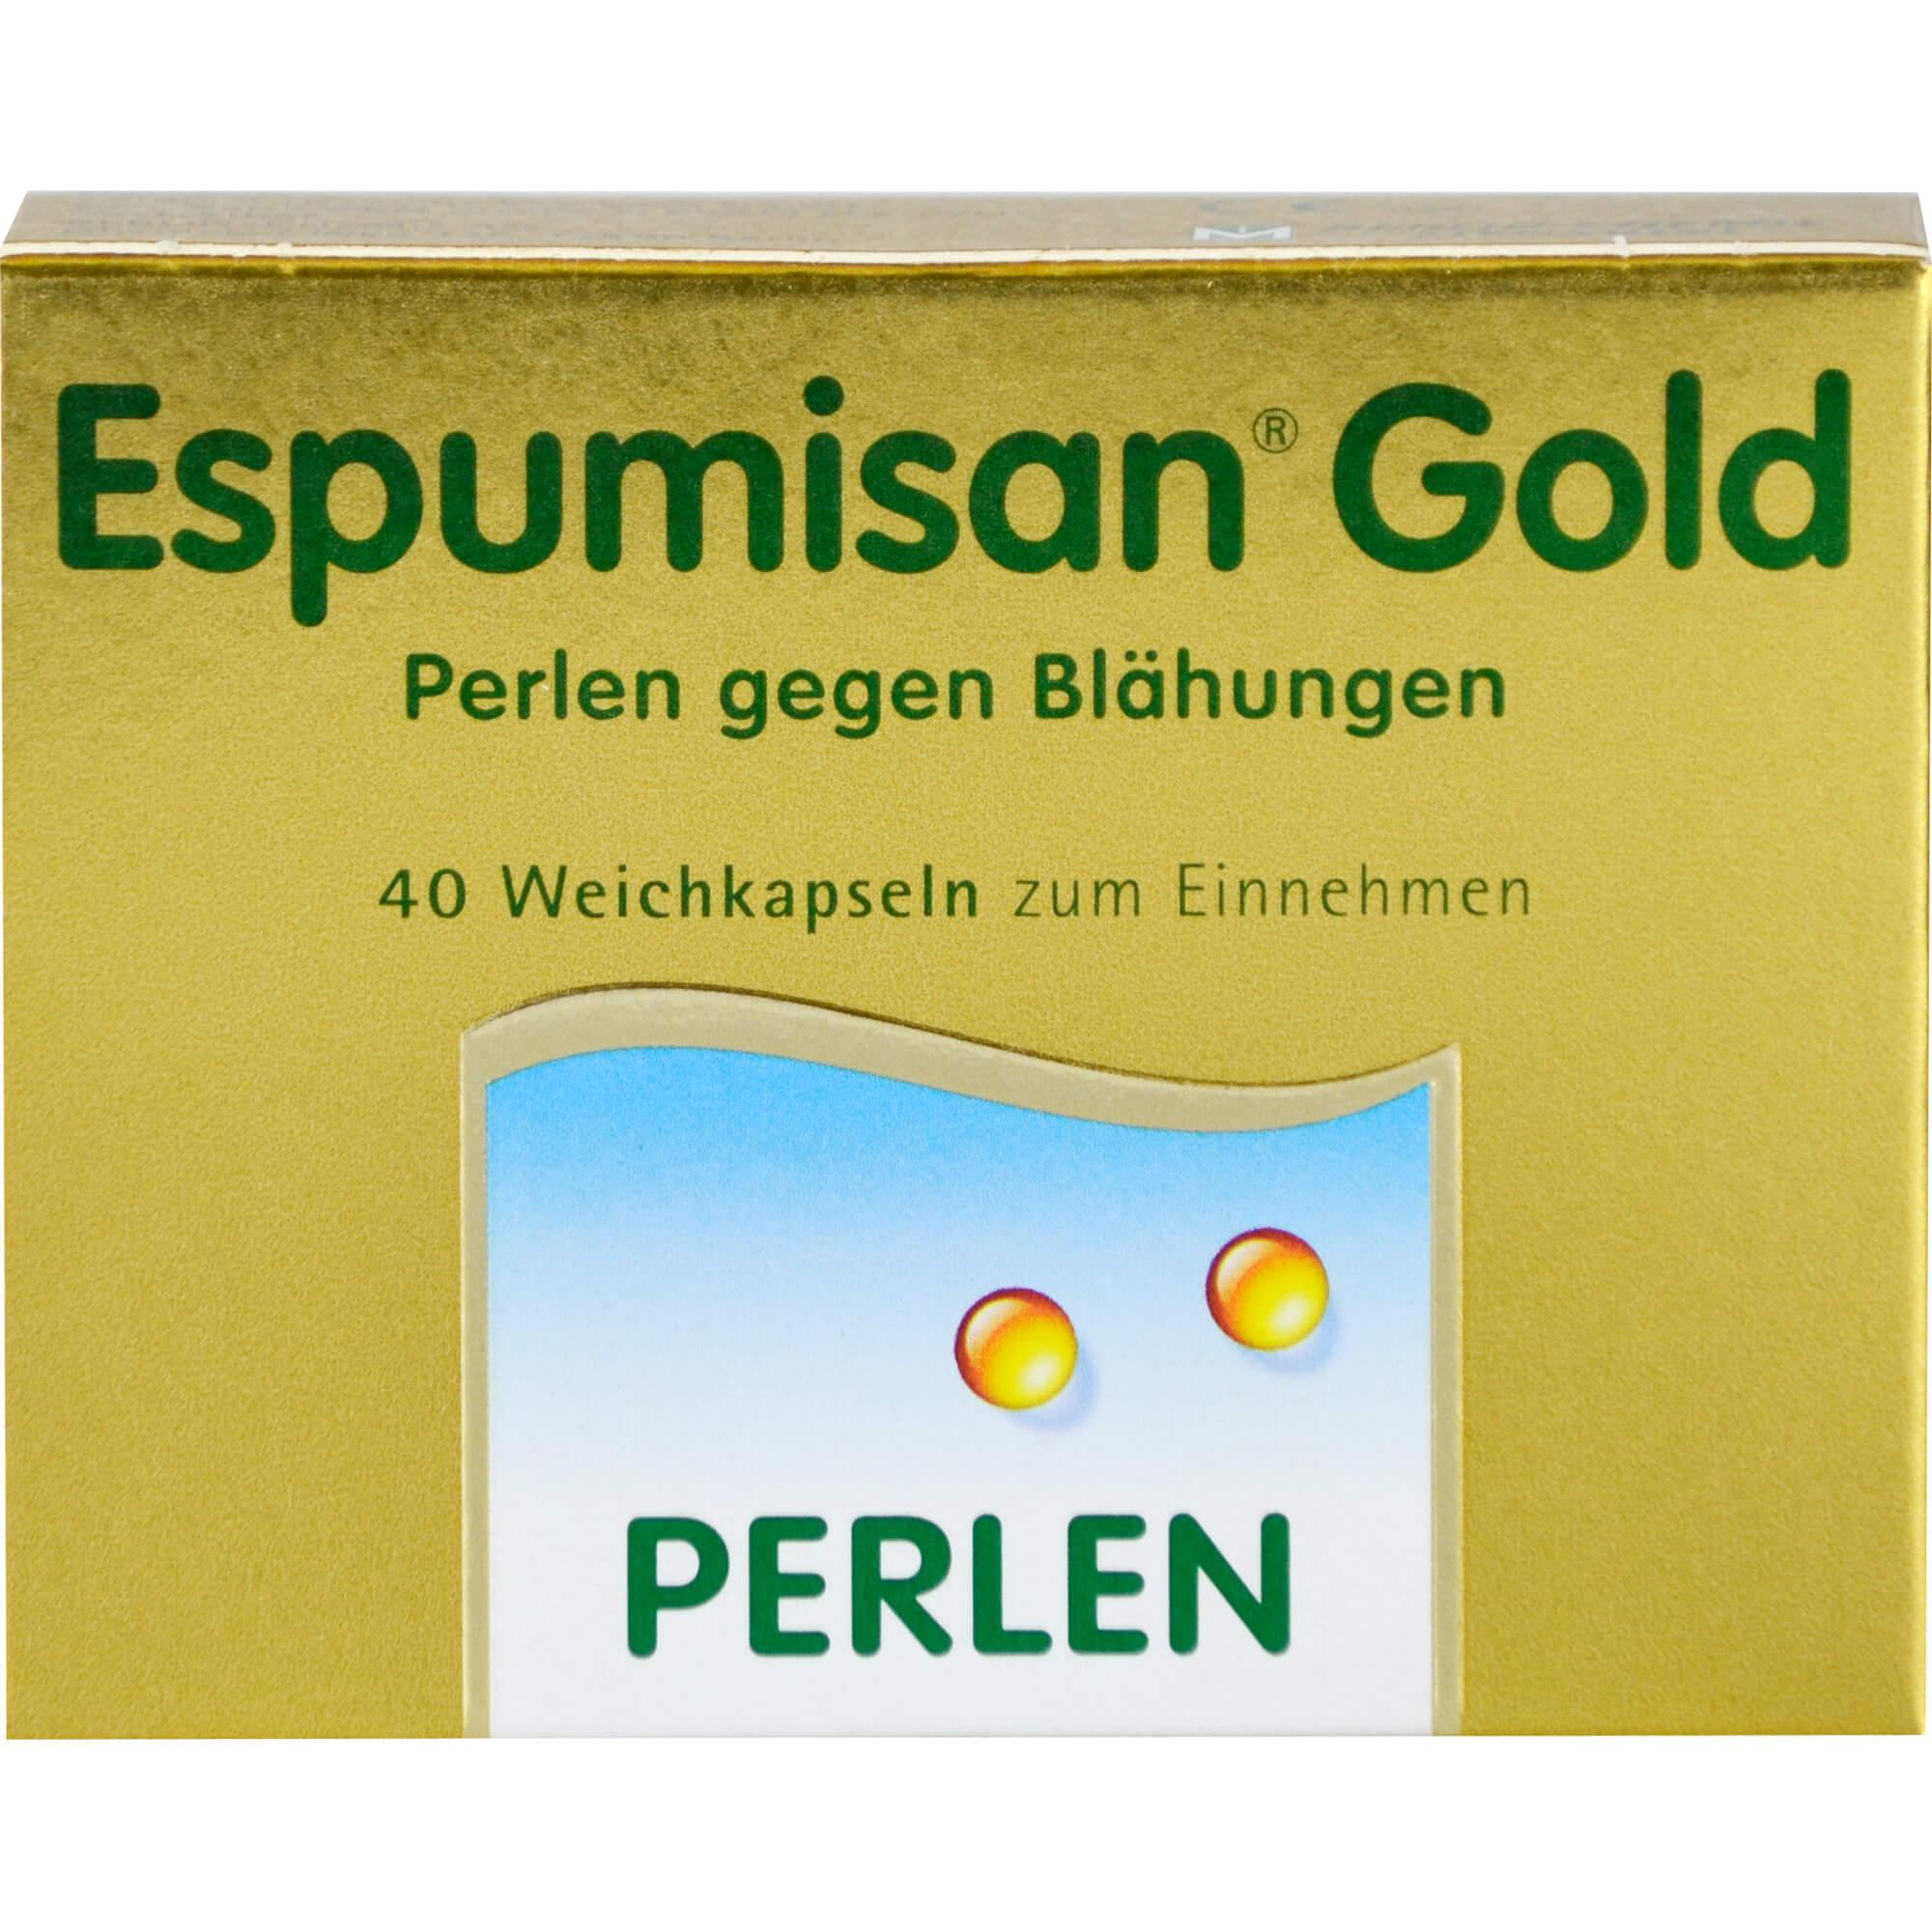 ESPUMISAN-Gold-Perlen-gegen-Blaehungen